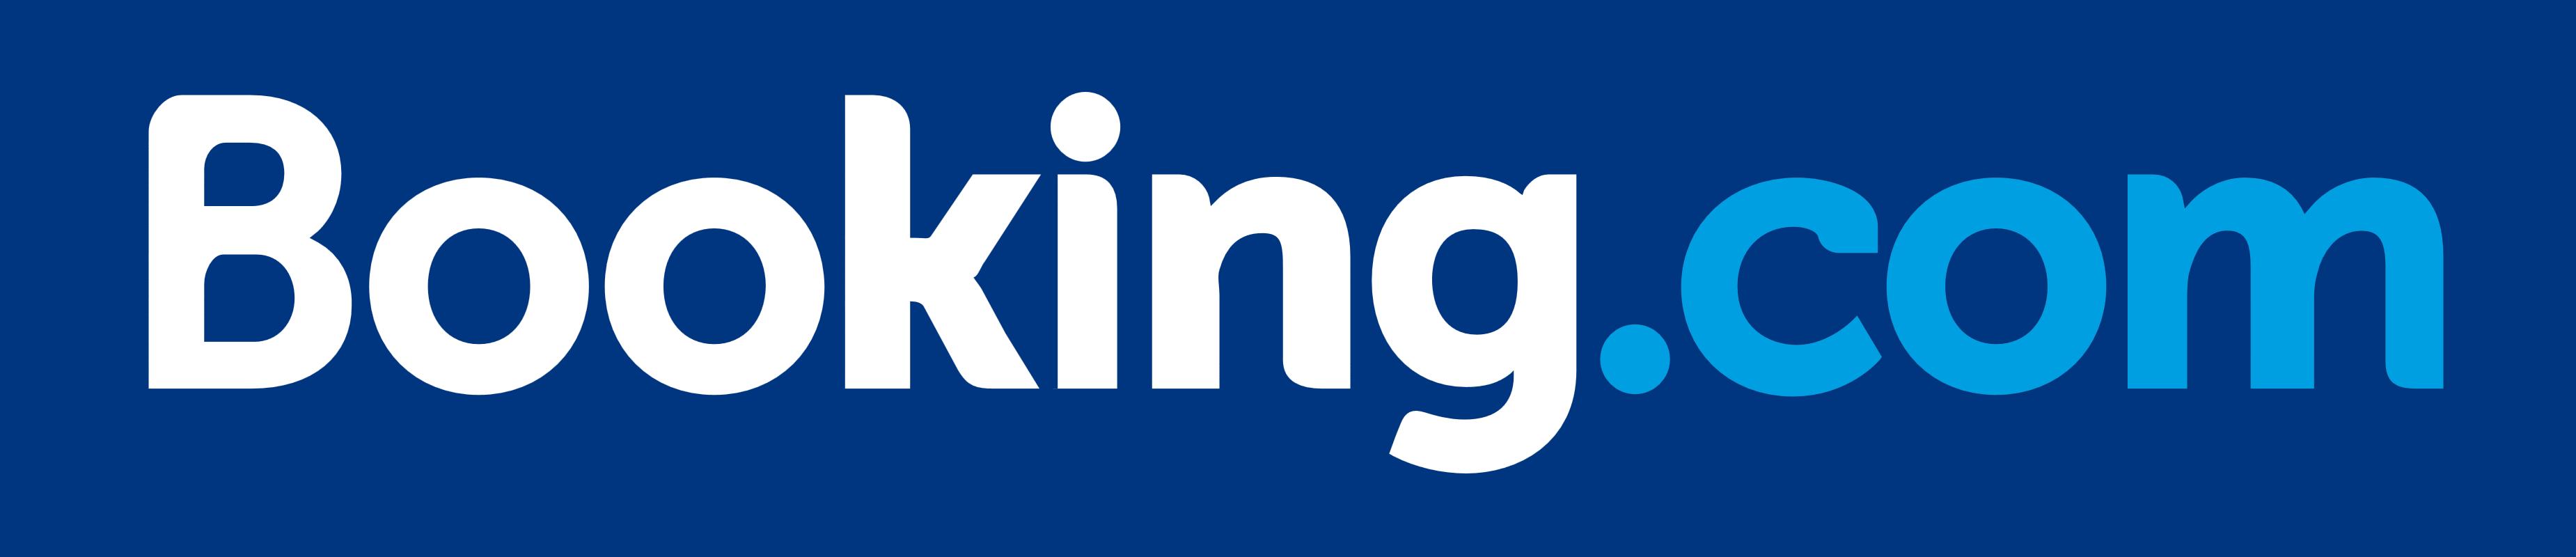 Design House Online Free Logo Booking Com Png Transparent Logo Booking Com Png